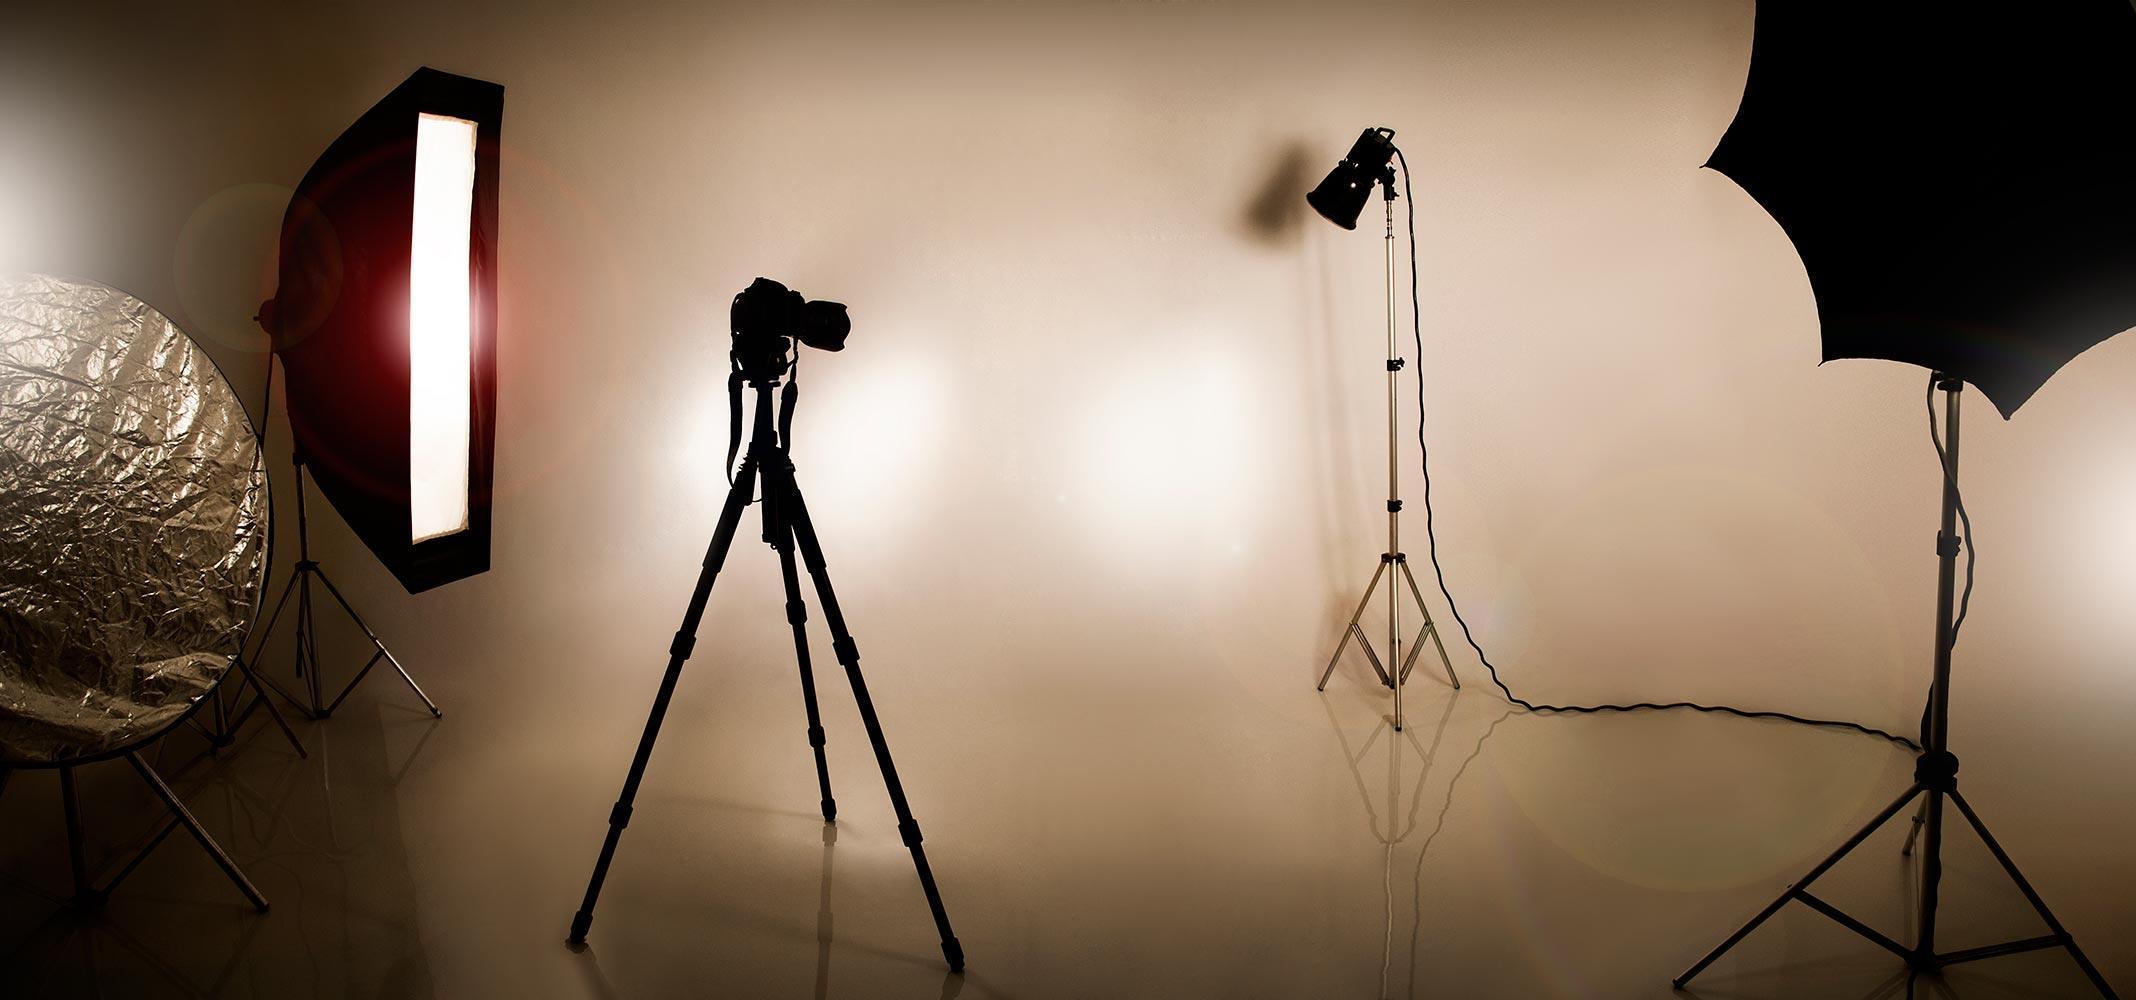 Estúdio fotográfico SP 4